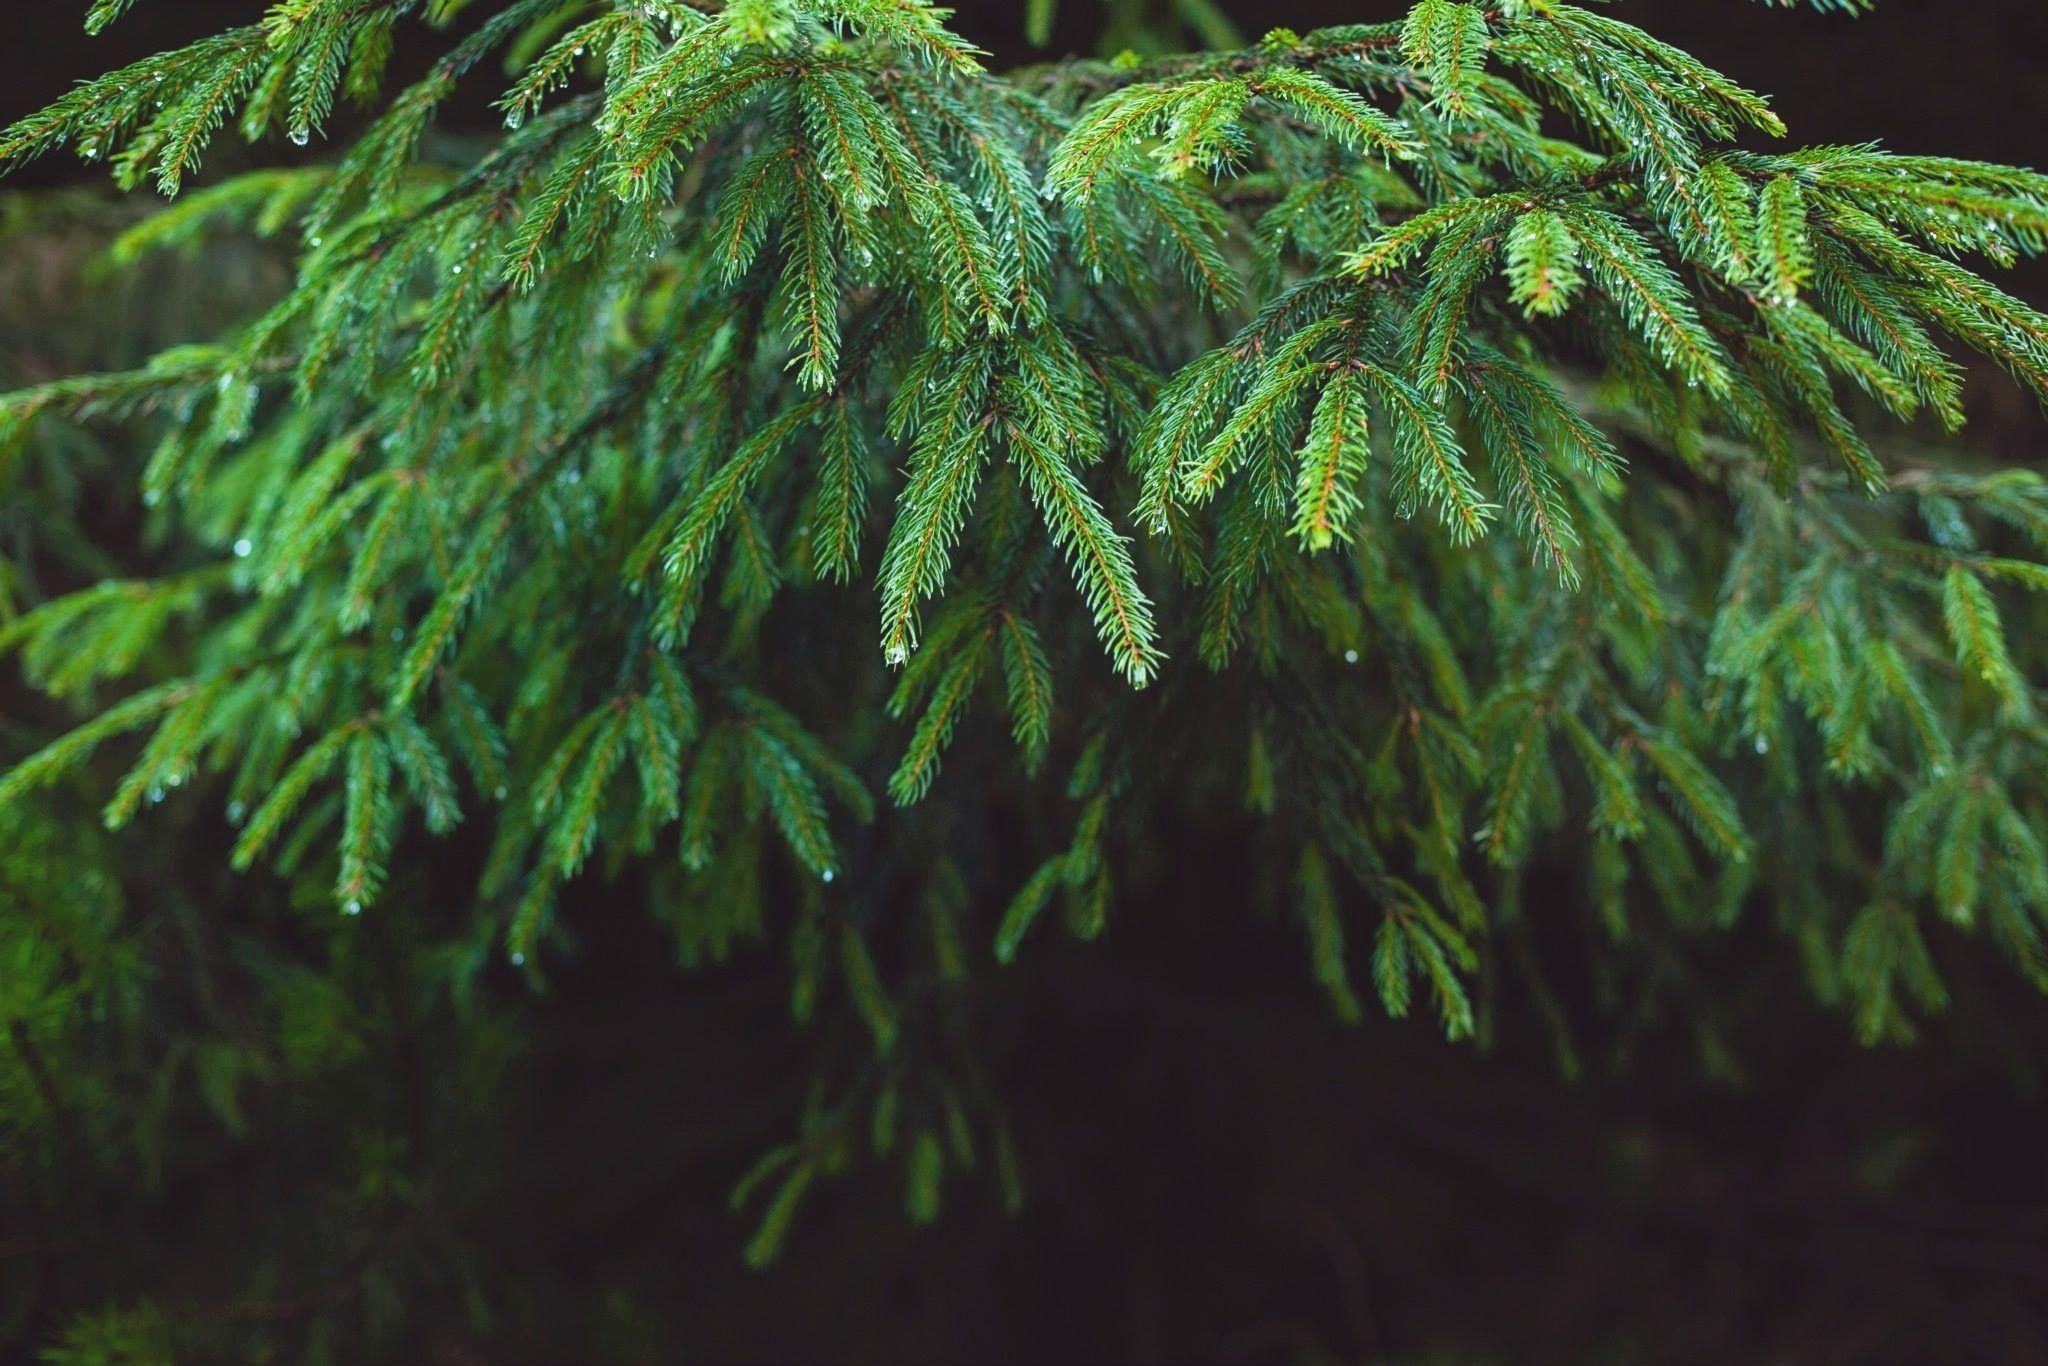 Close Up Of Fir Tree